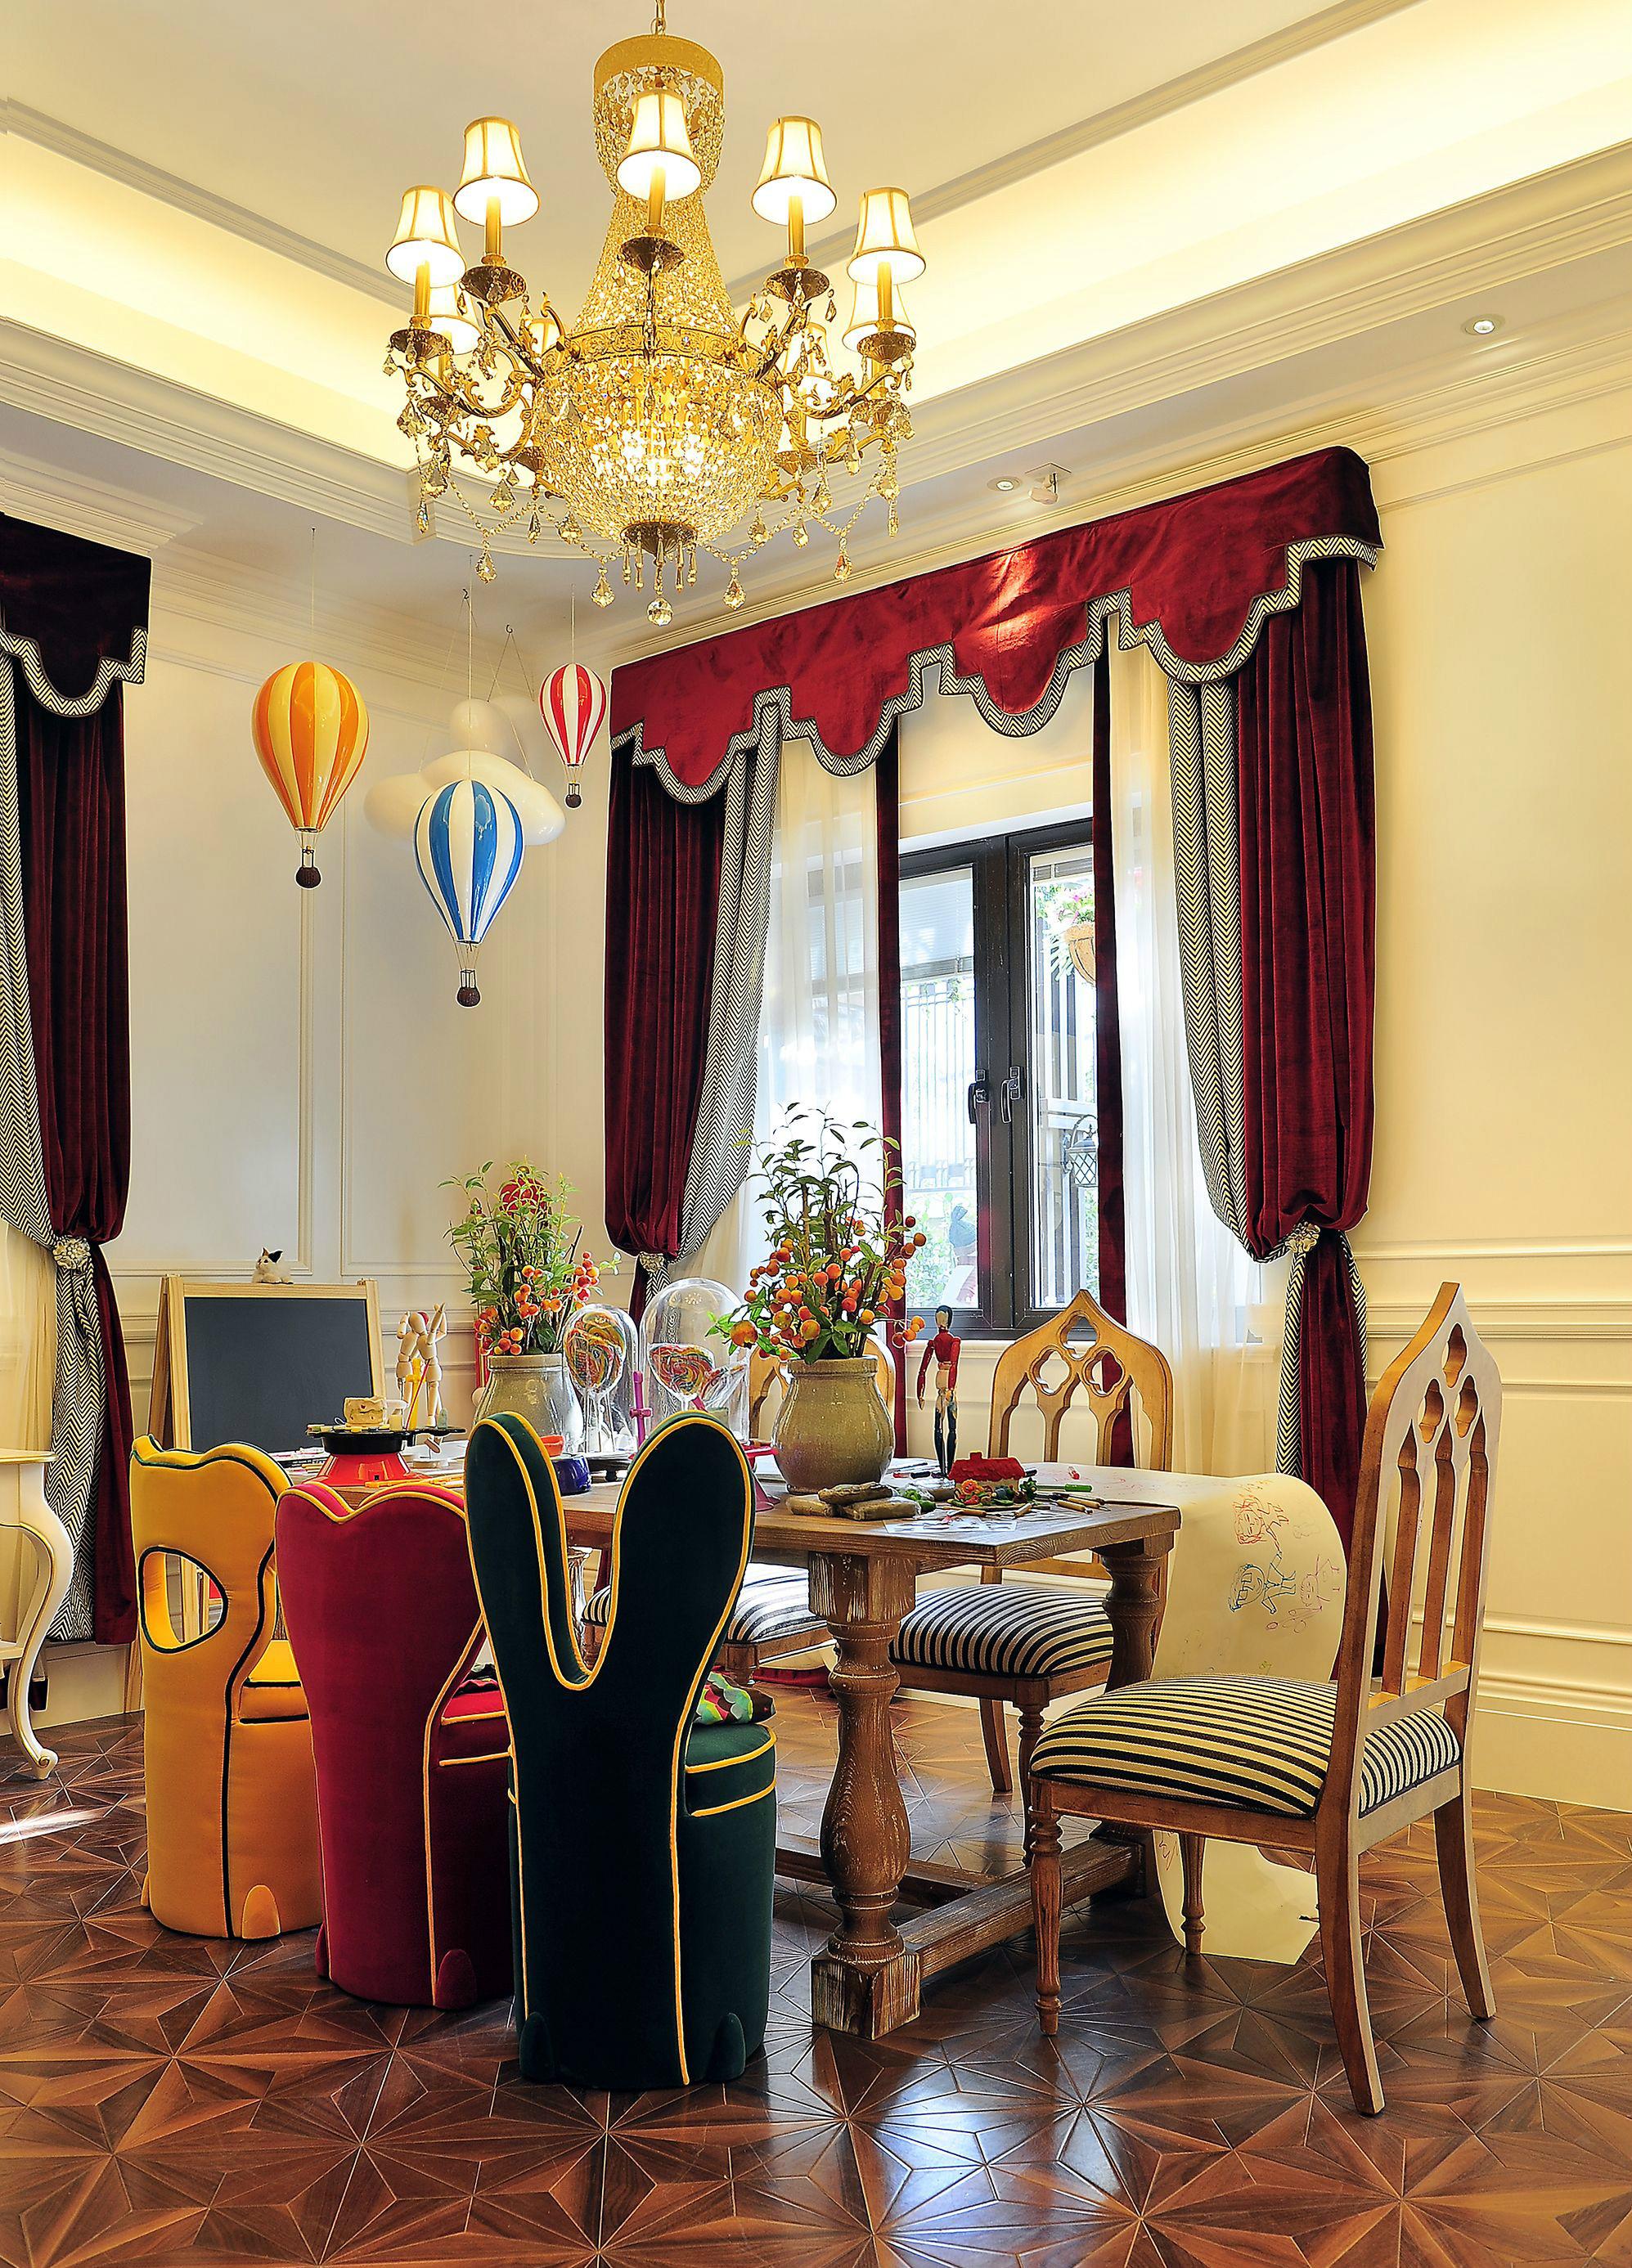 奢华法式风格别墅餐厅装修效果图